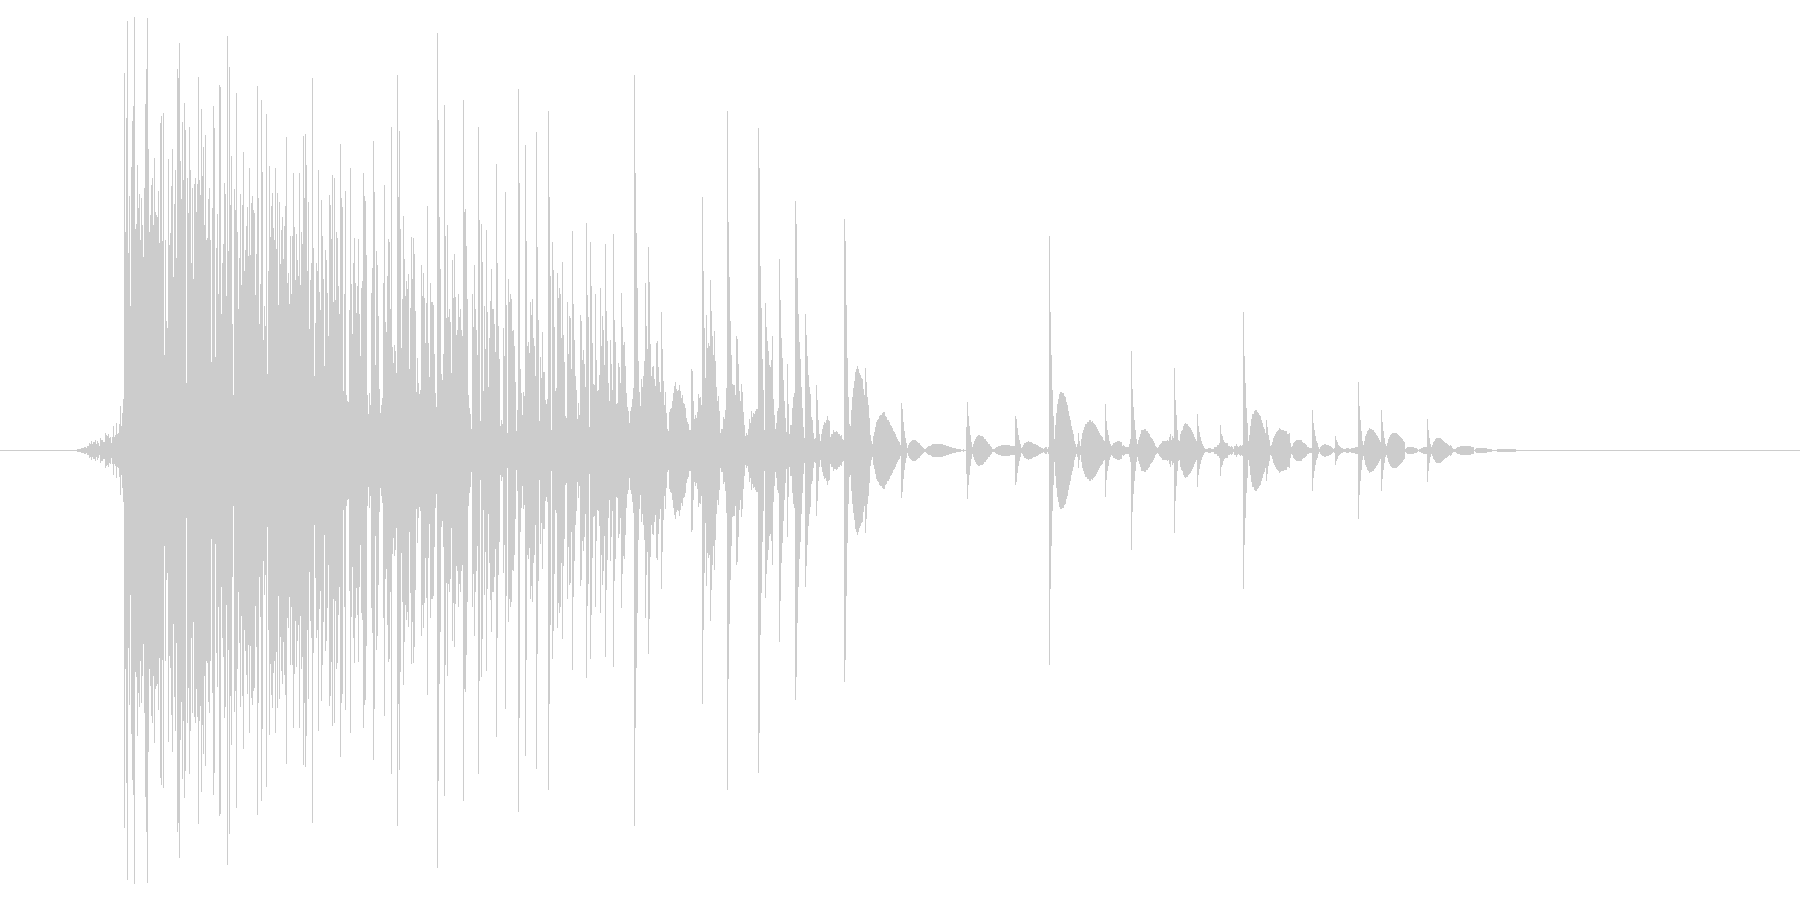 ゲーム(ファミコン風)爆発音_034の未再生の波形